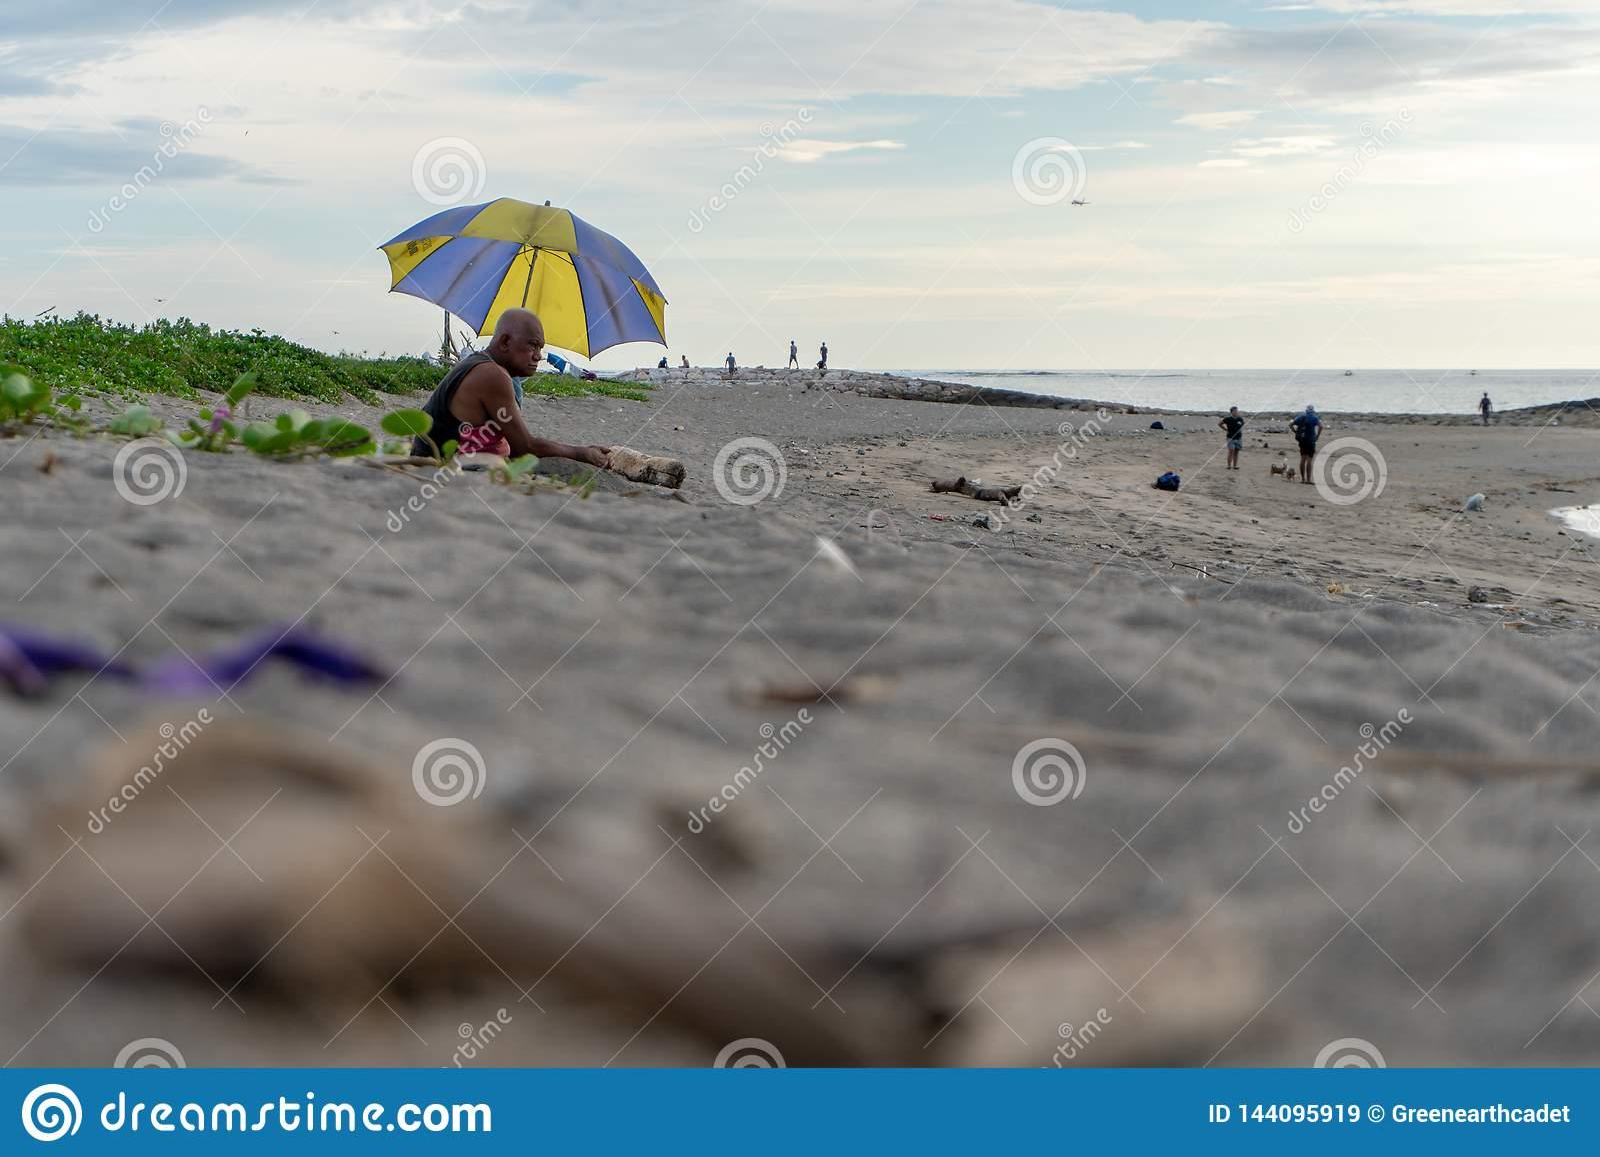 BADUNG, BALI/INDONESIA- 2-ОЕ АПРЕЛЯ 2019: Старик сидит на песке и наслаждается загорать